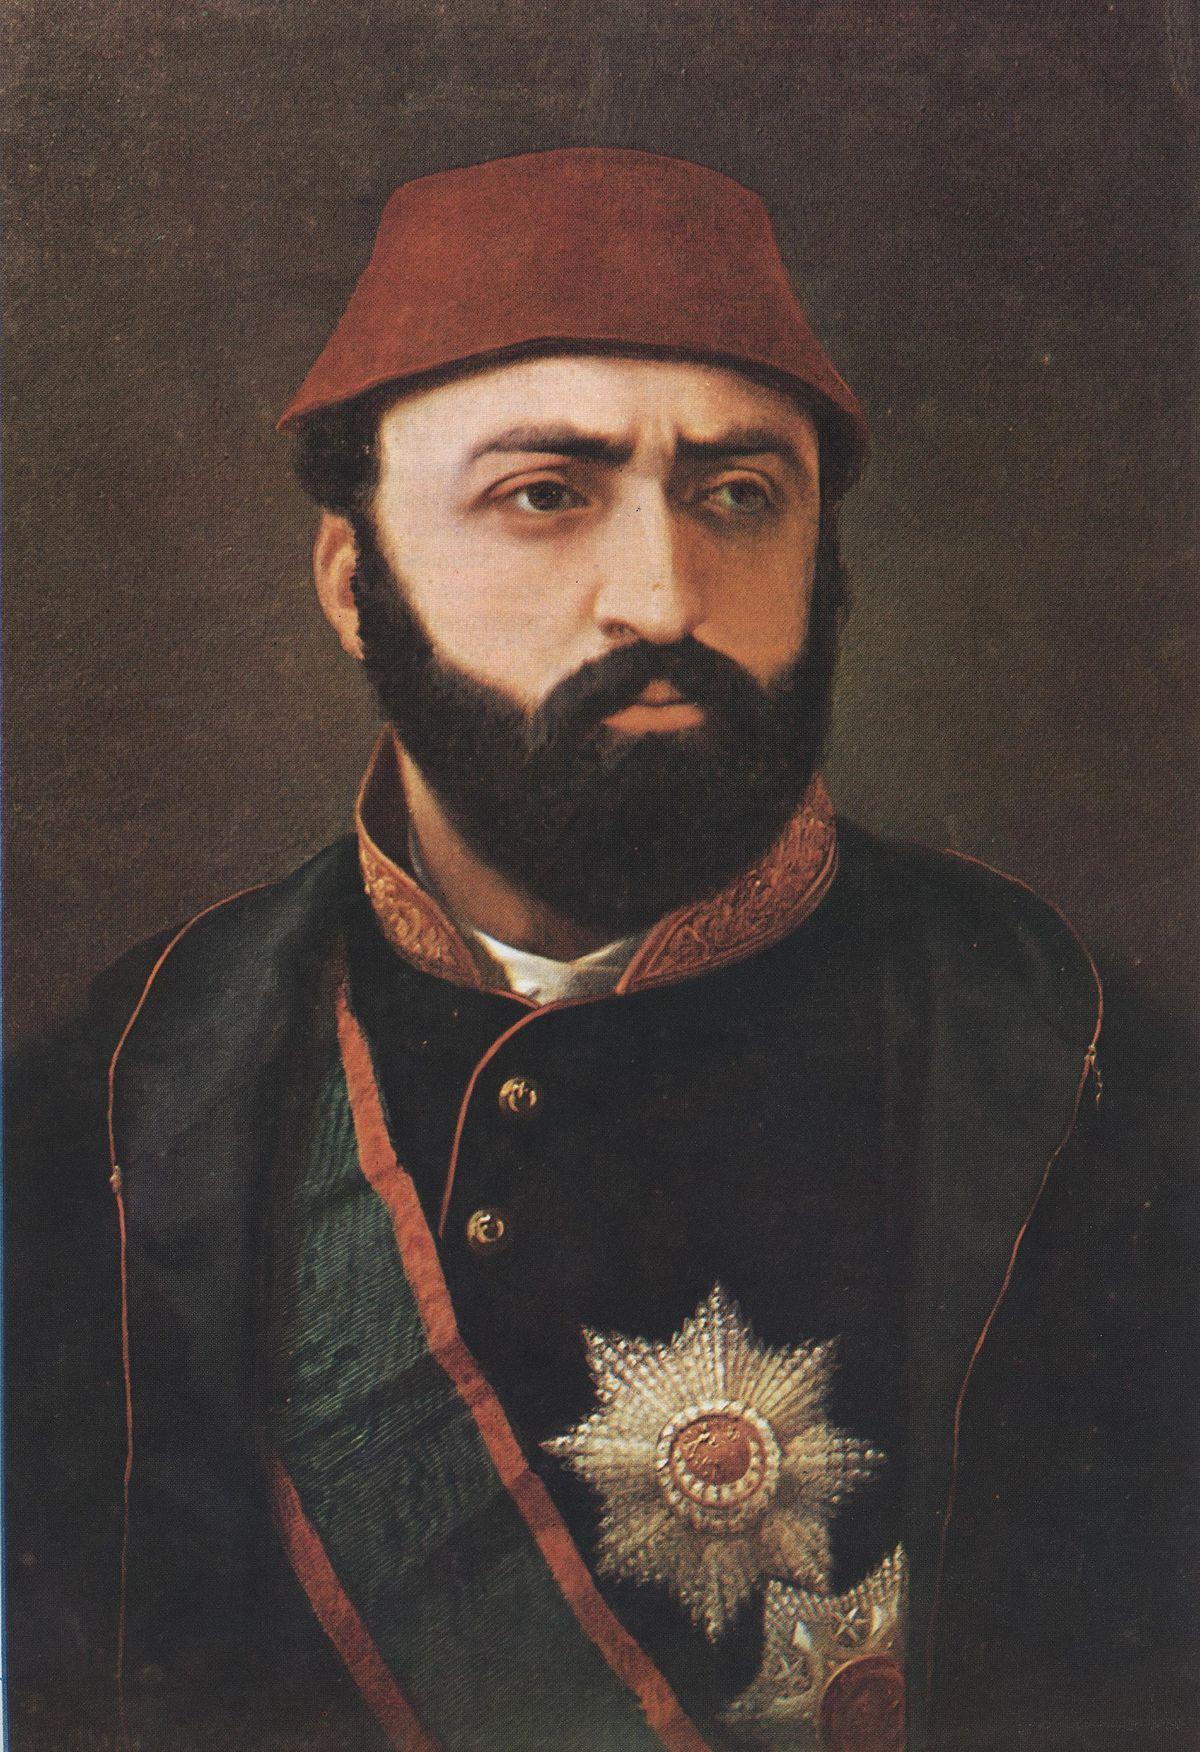 Sułtan Abdülaziz